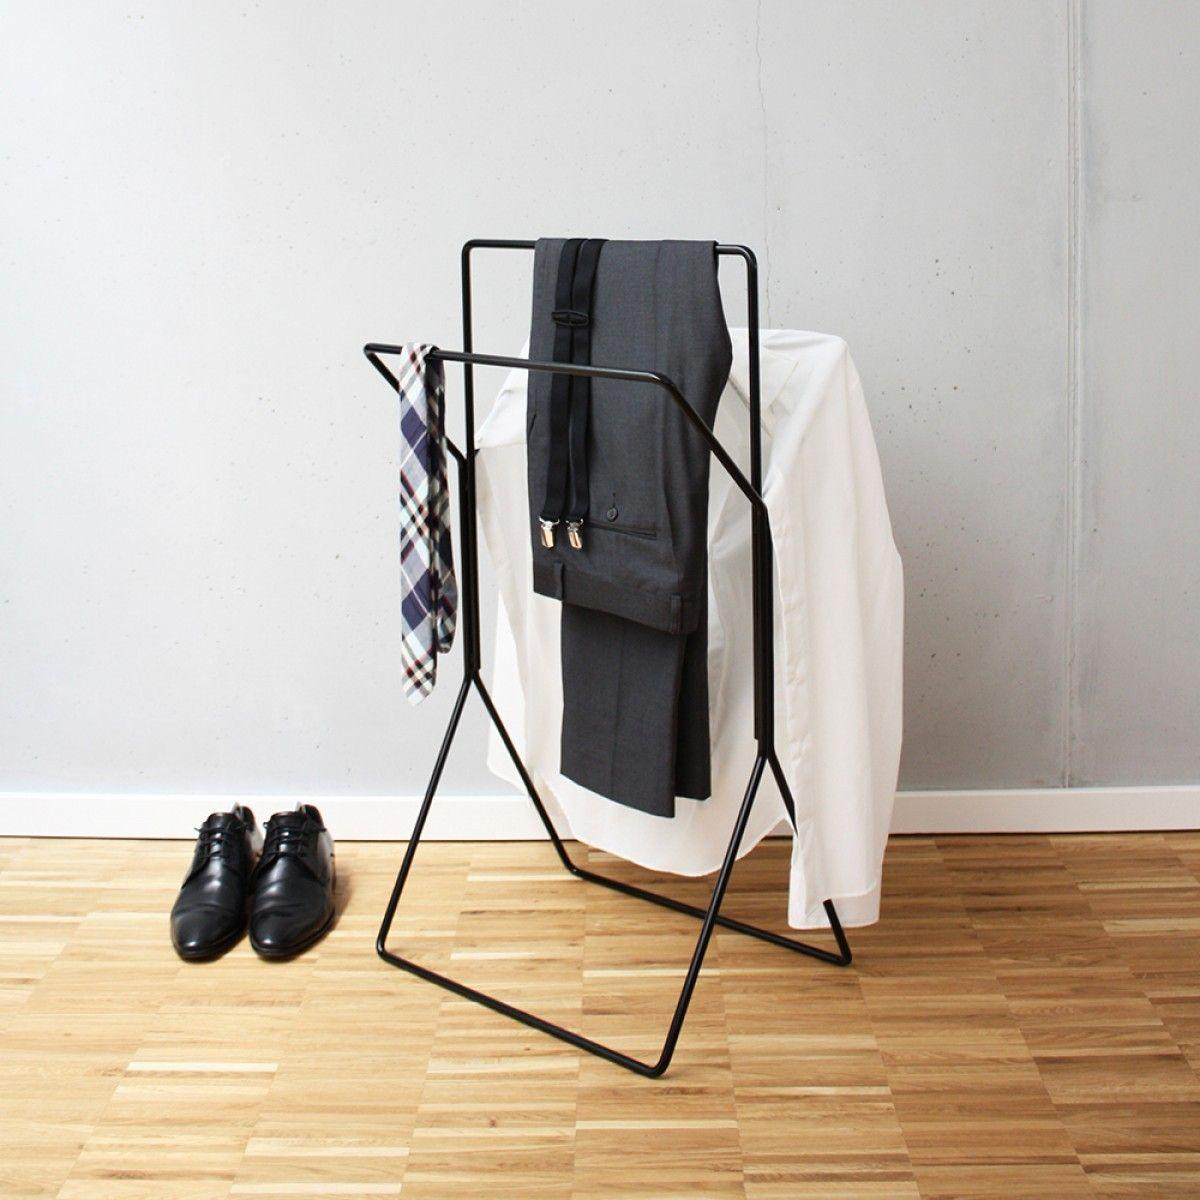 Wingman Design Handtuchhalter Und Stummer Diener Verchromt Selekkt Heim Fur Junges Design Handtuchhalter Handtuchstander Design